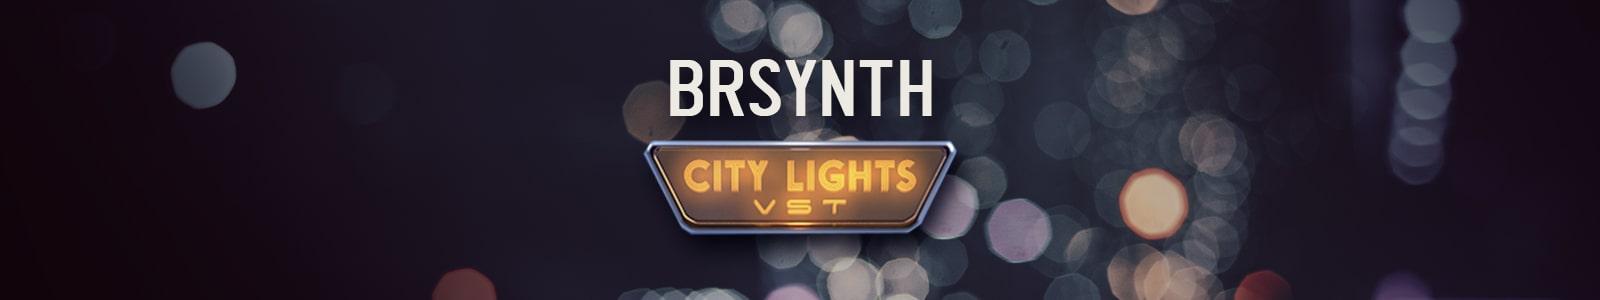 city lights vst